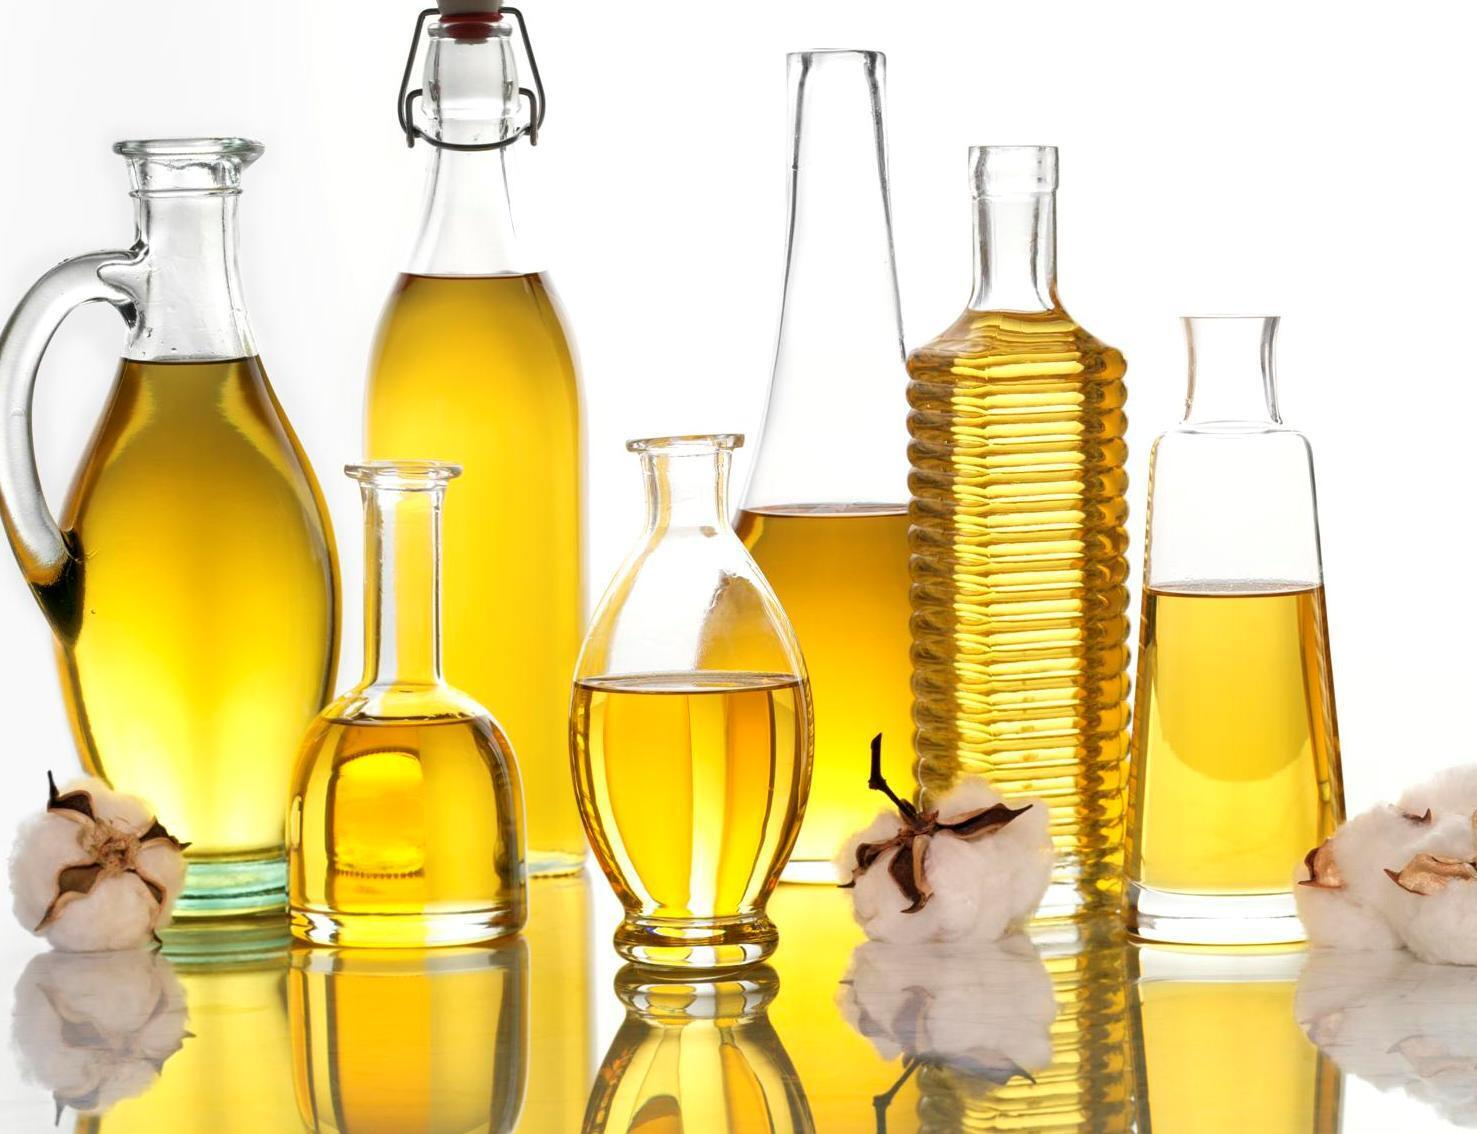 L'huile de coton est une huile fabriquée en Afrique de l'Ouest en excédent mais ne peut être vendue en Inde.